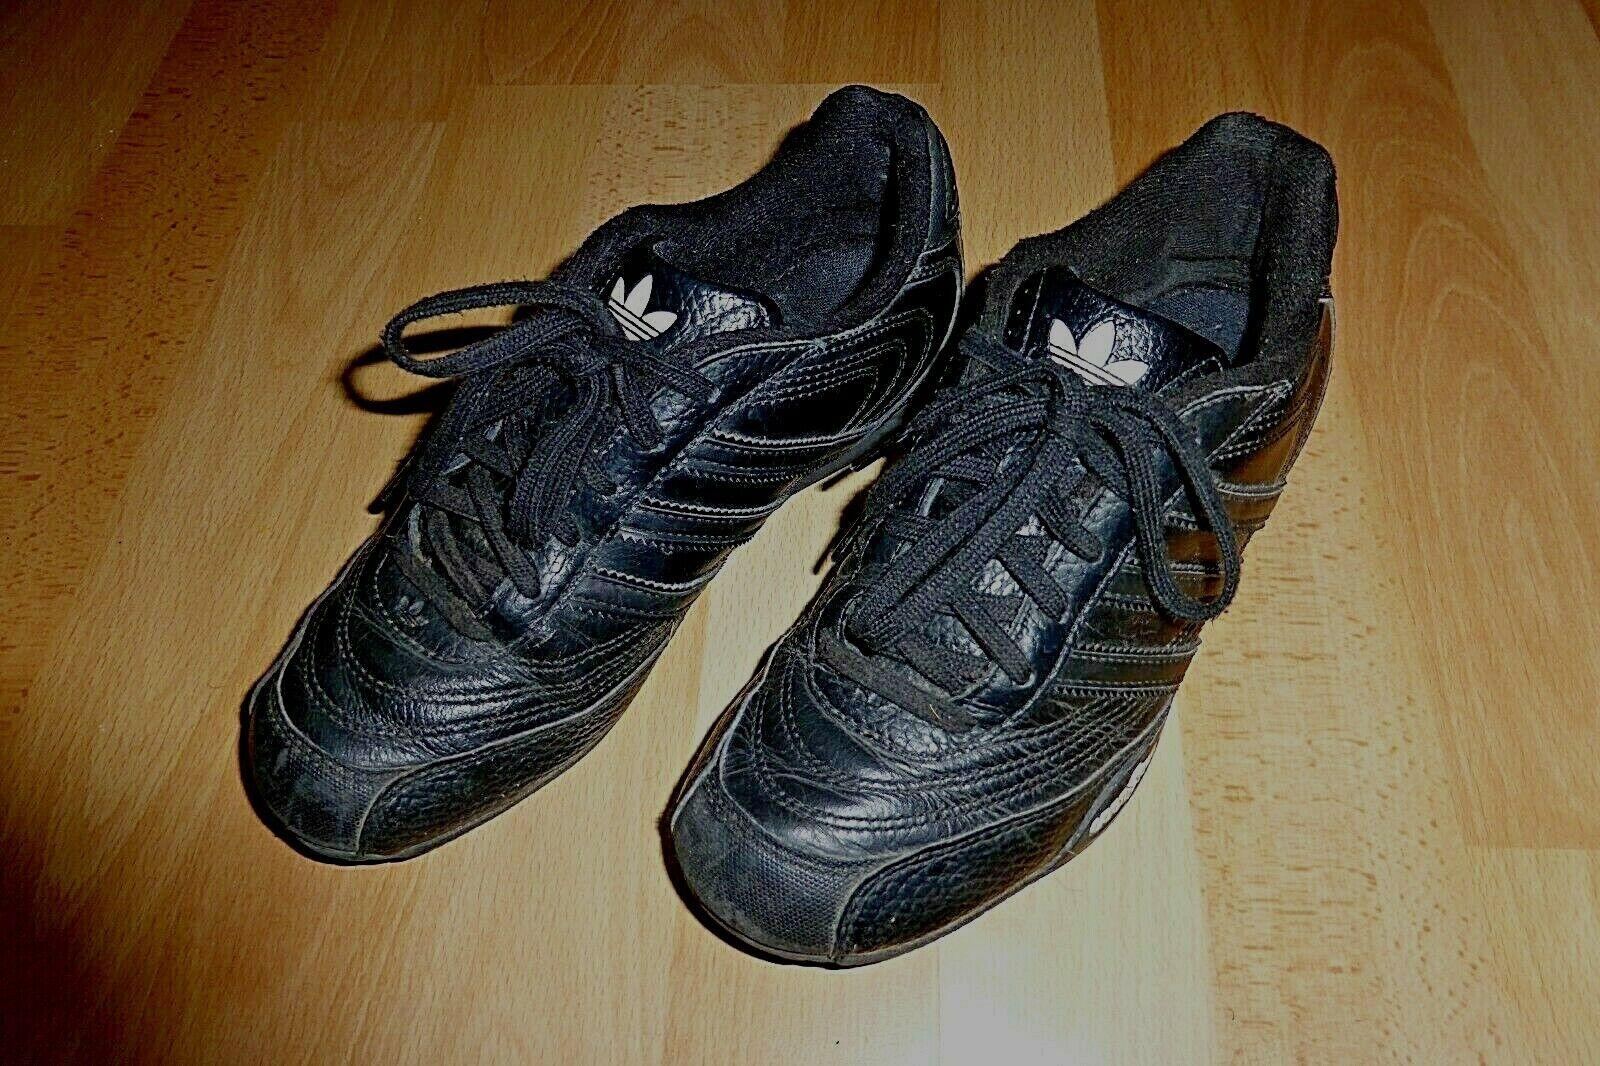 *** adidas Sneaker Femmes Chaussures De Sport Taille 36,5 Noir en Cuir ***